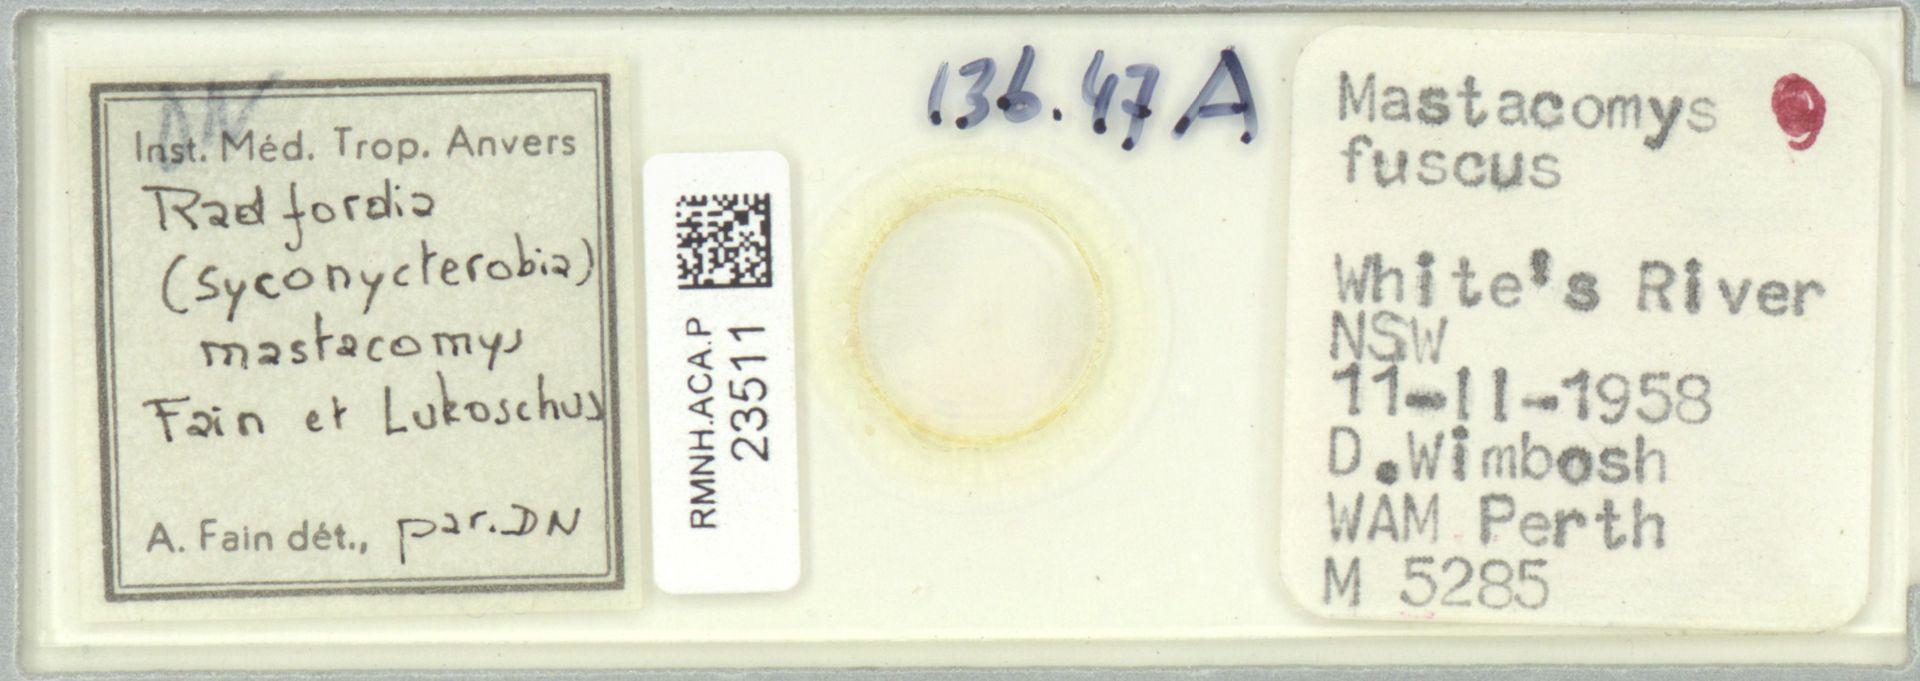 RMNH.ACA.P.23511   Radfordia (Syconycterobia) mastacomys Fain et Lukoschus